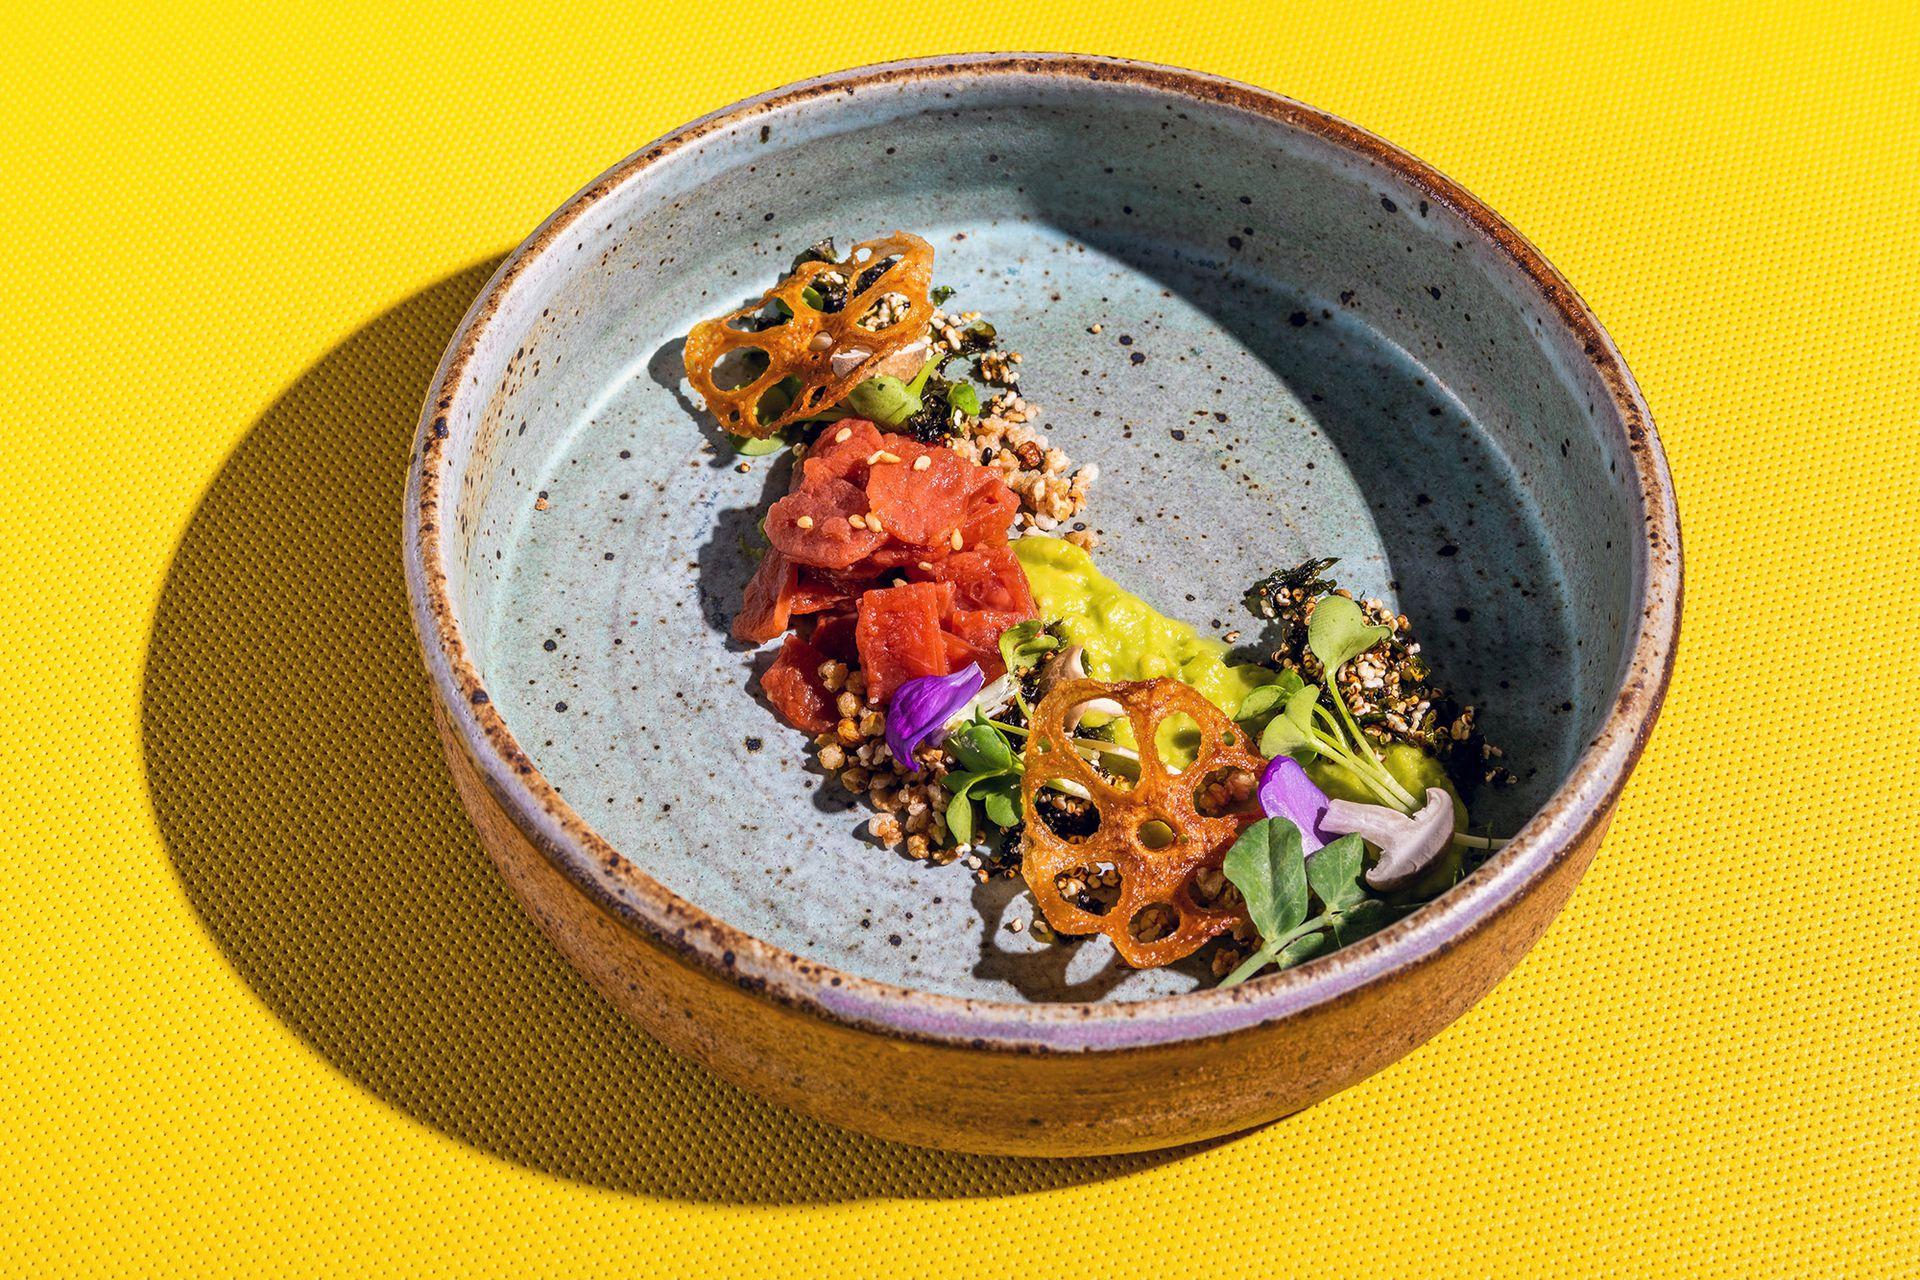 Un plato de pescado hecho a base de plantas, que emula el sabor y la textura del salmón